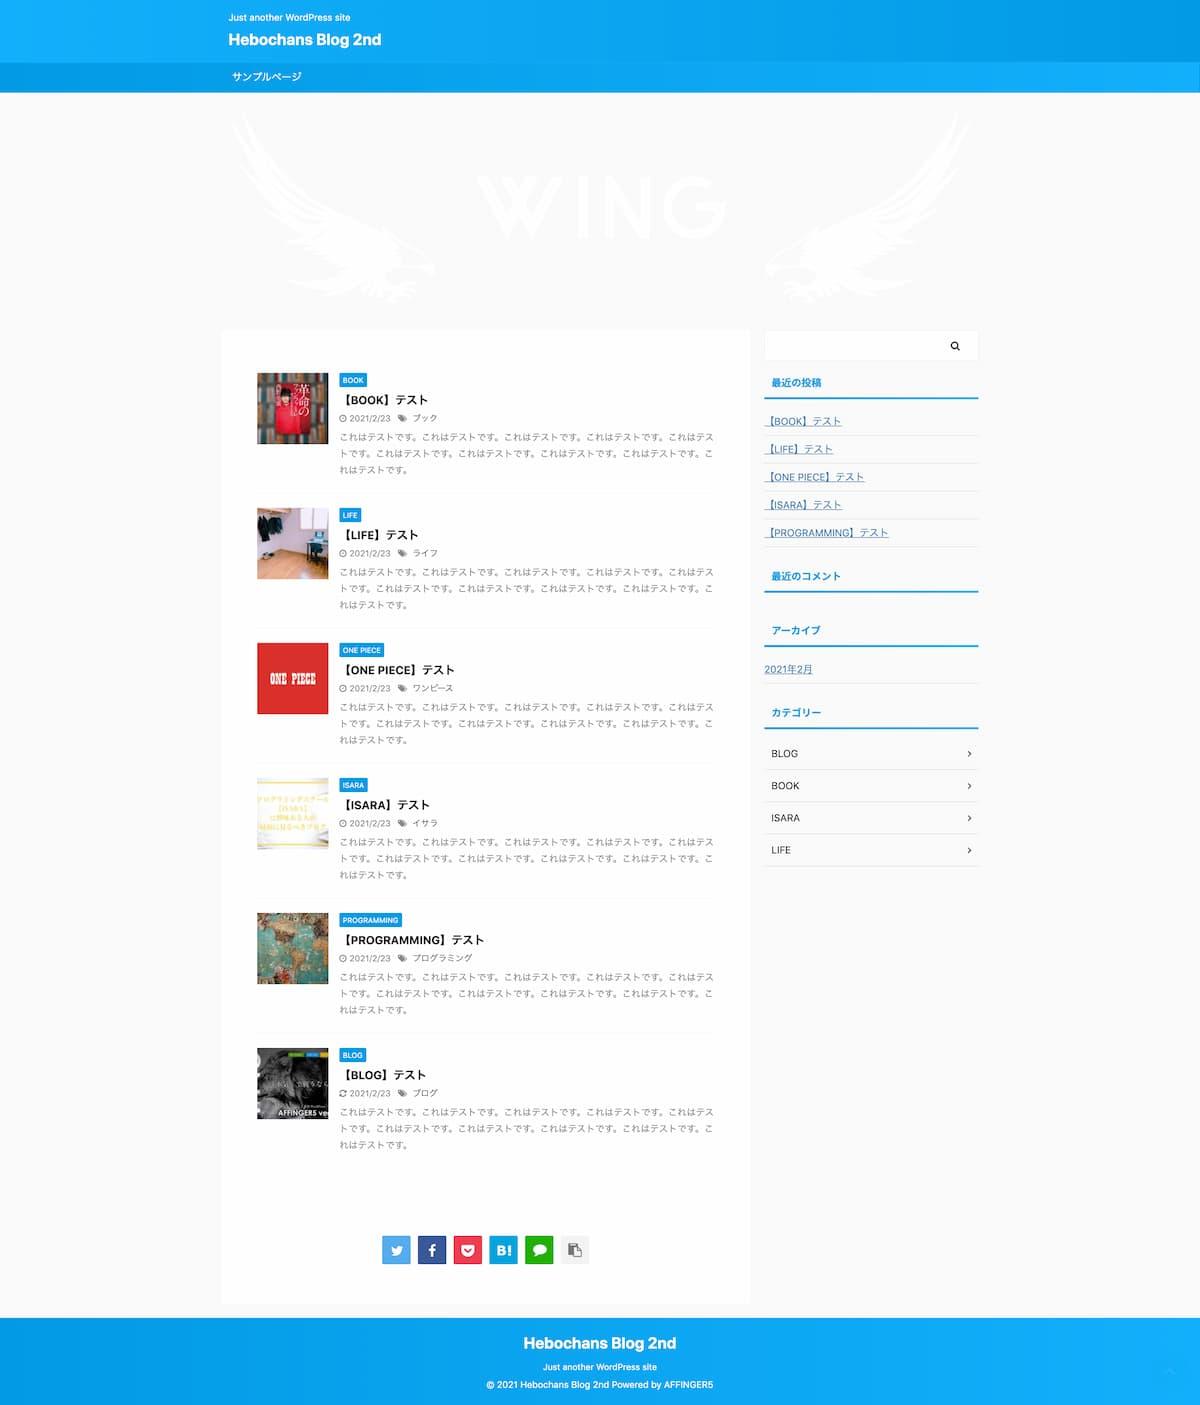 デフォルトのトップページ